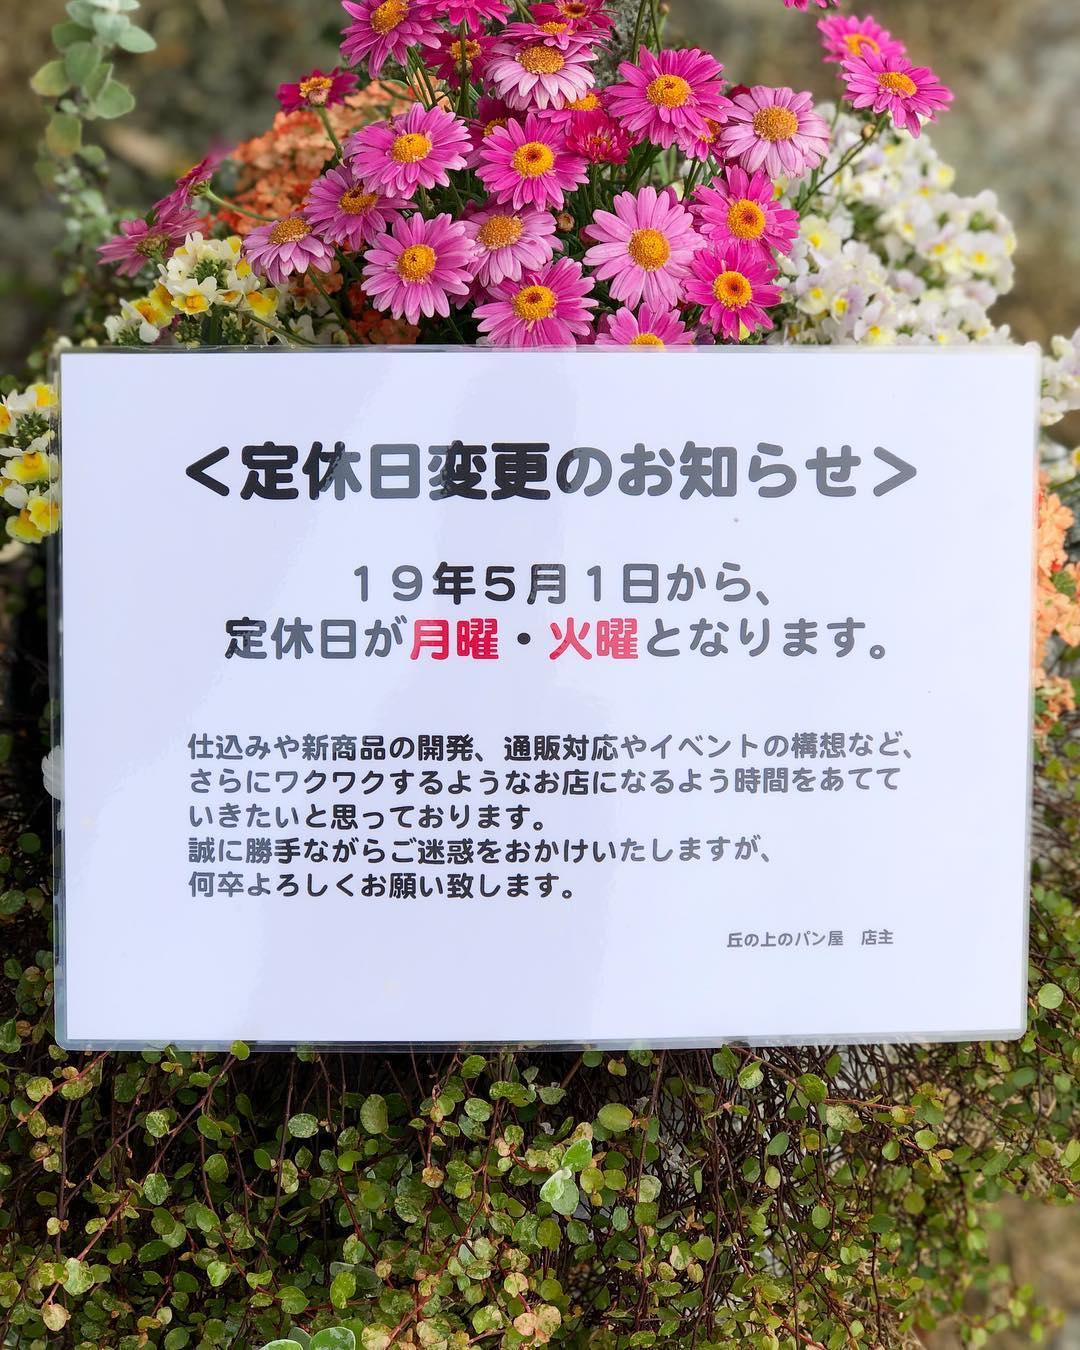 定休日変更のお知らせ(2019.04.01)